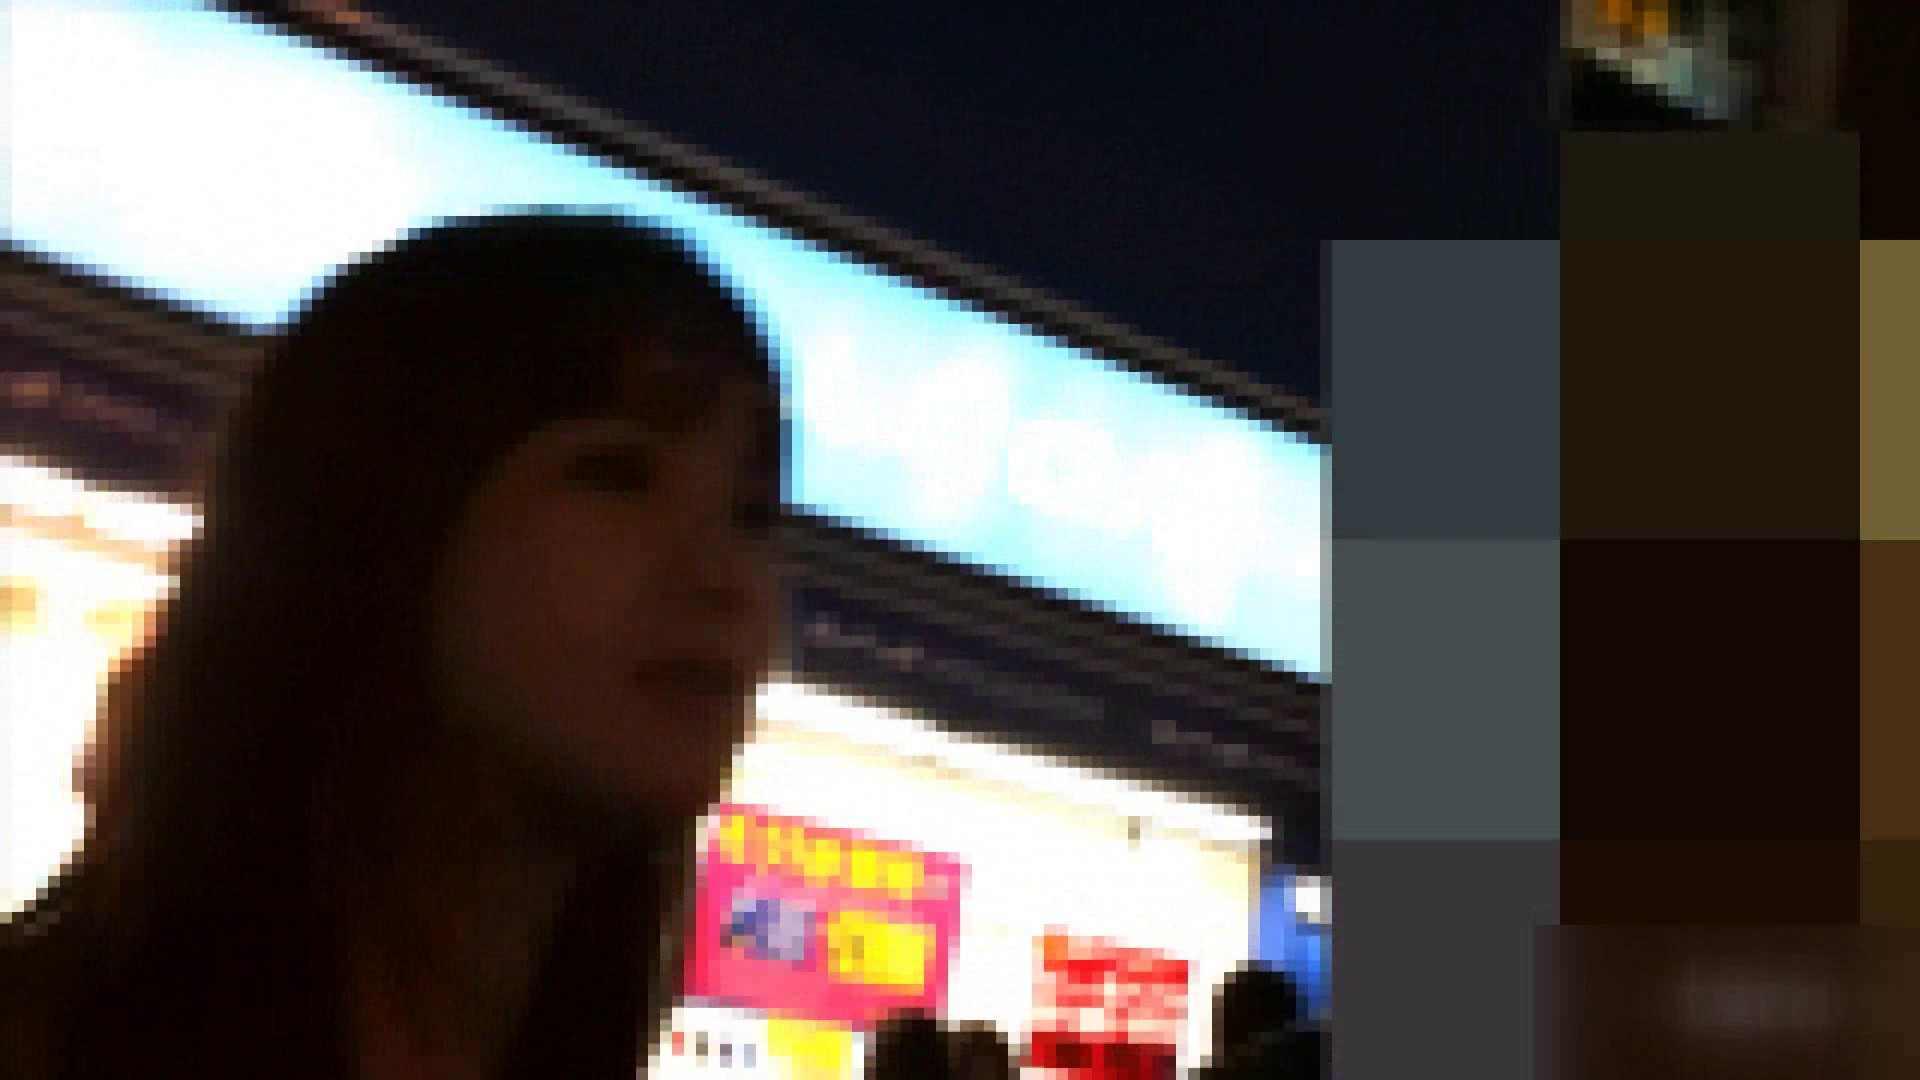 ガールズパンチラストリートビューVol.013 ギャルのエロ動画   エロティックなOL  101画像 97